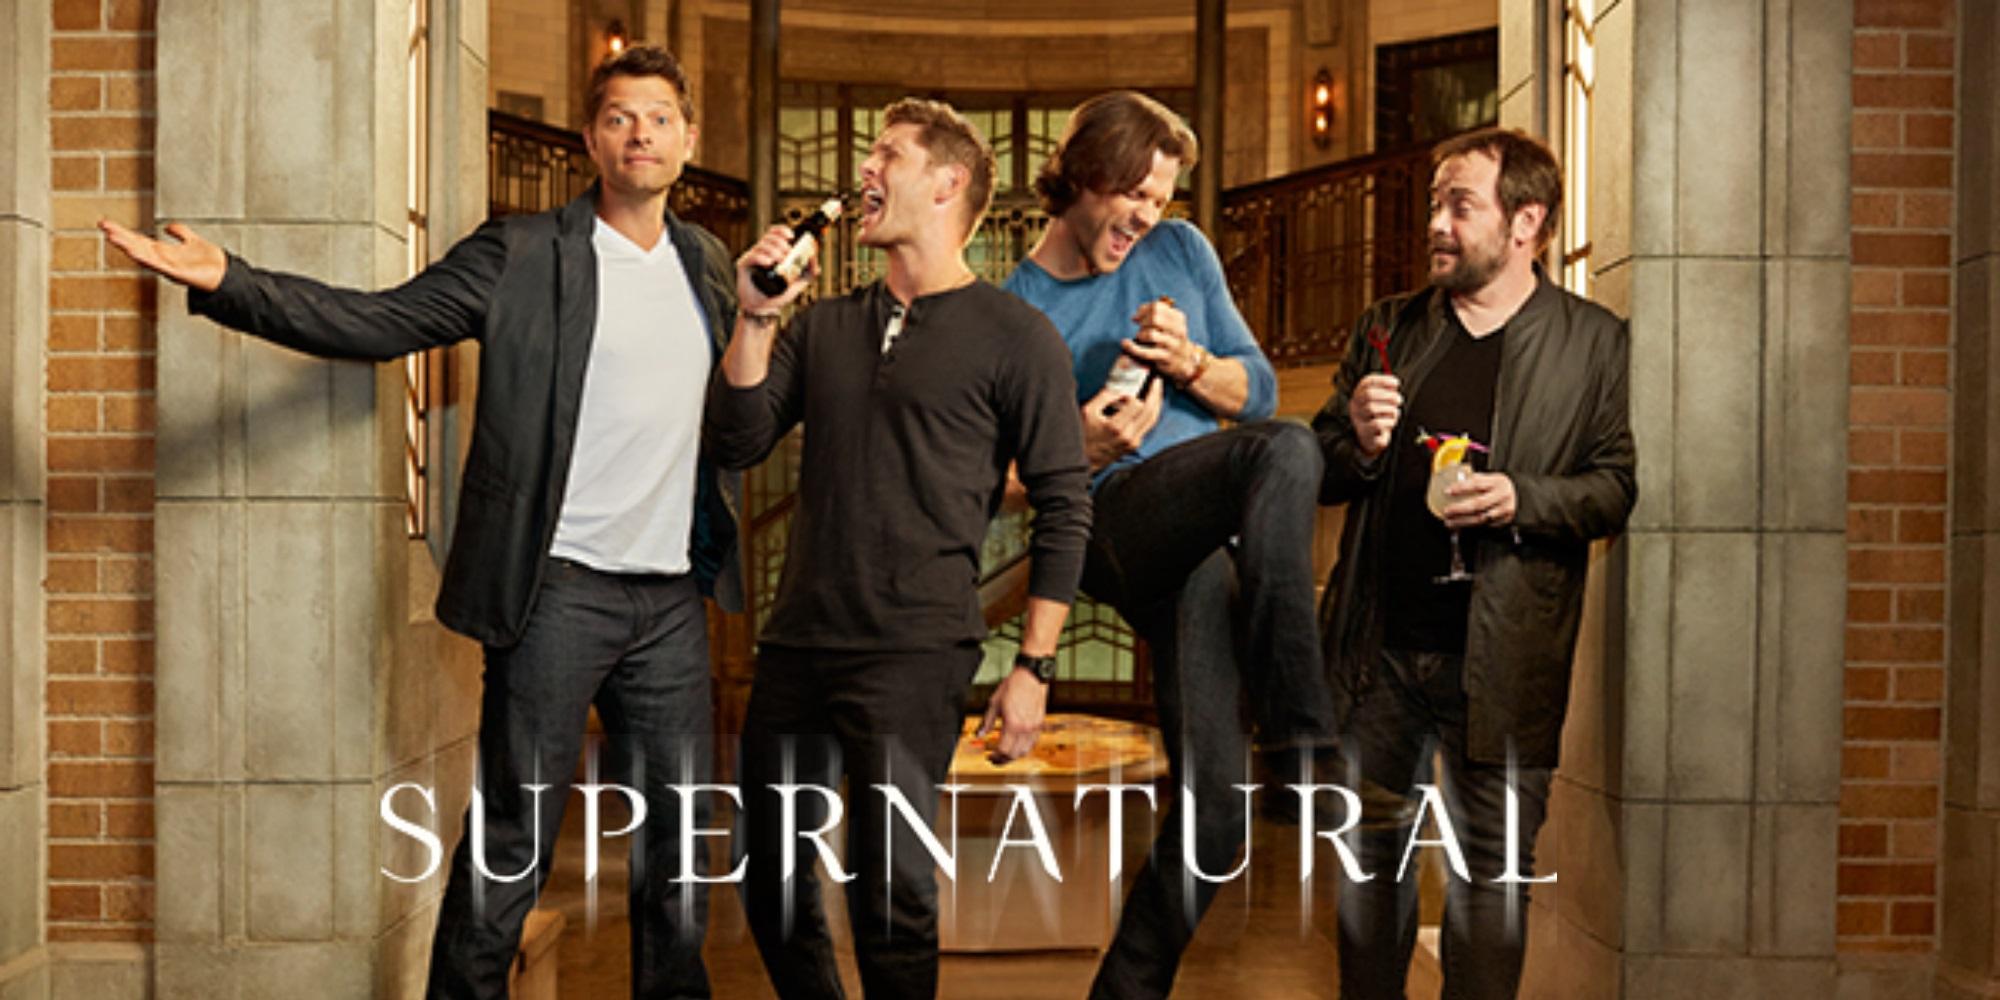 sobrenatural_season12-poster.jpg